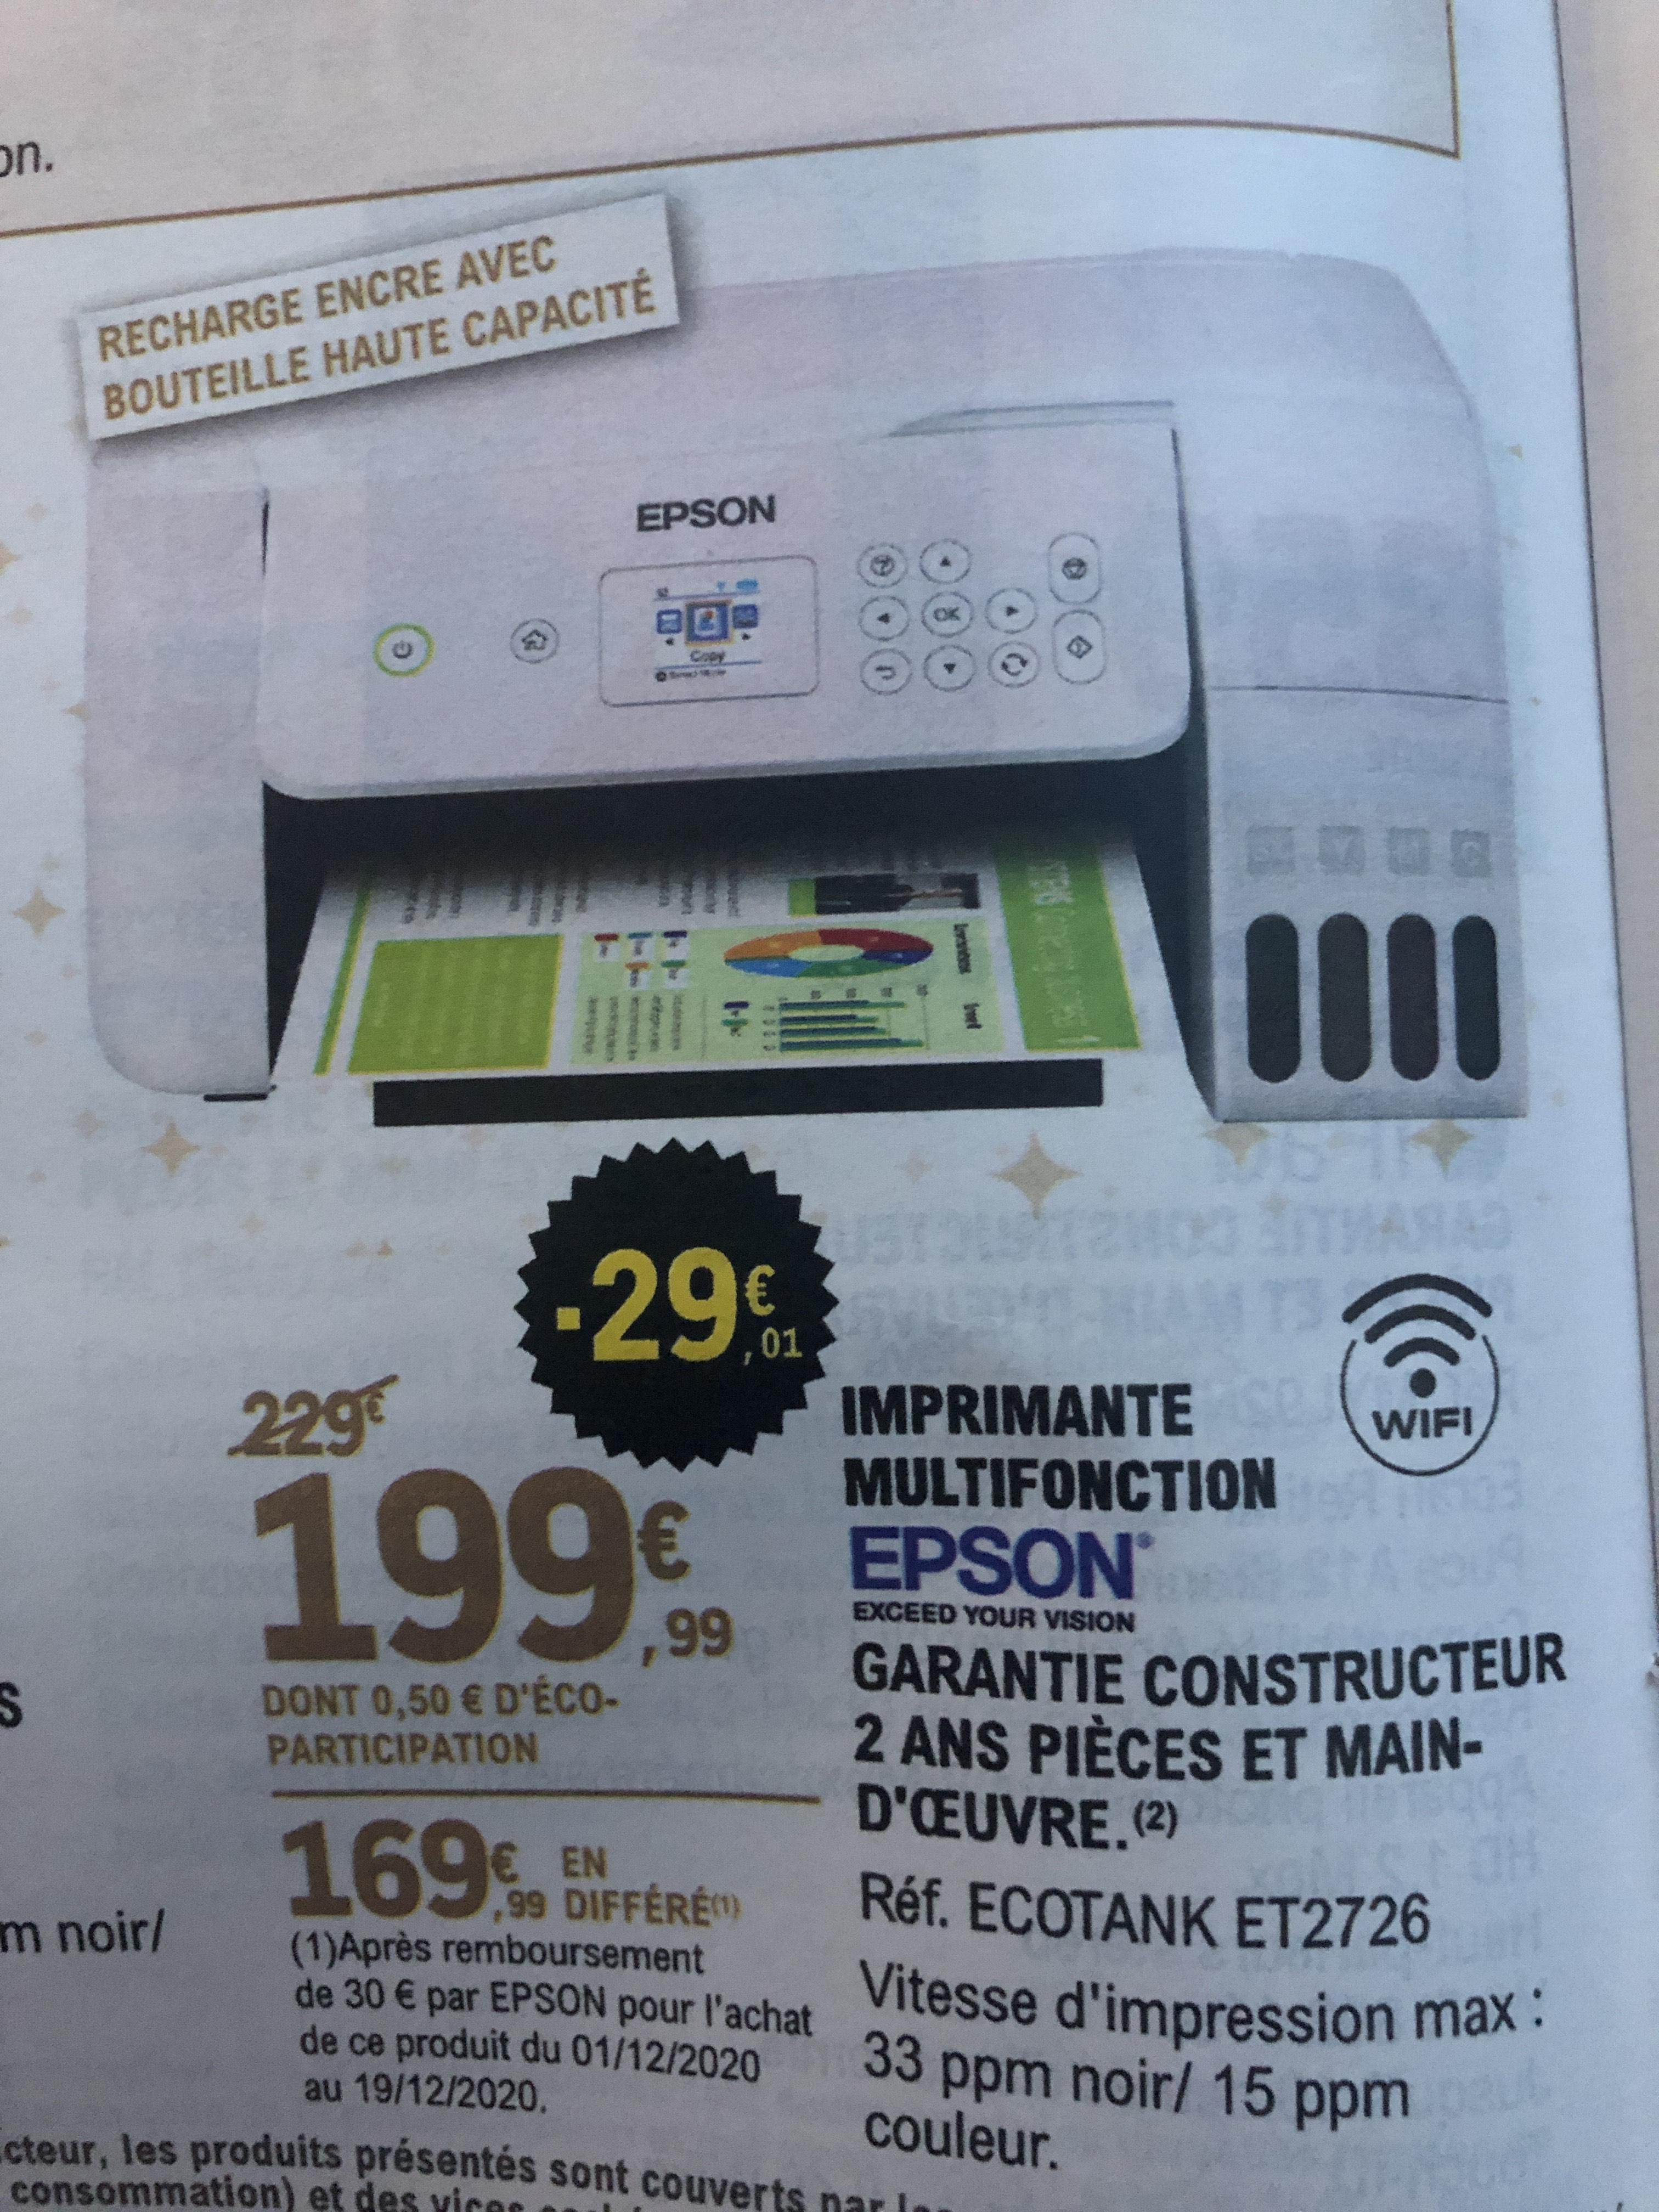 Imprimante multifonction Epson Ecotank ET-2726 (Via ODR 30€)